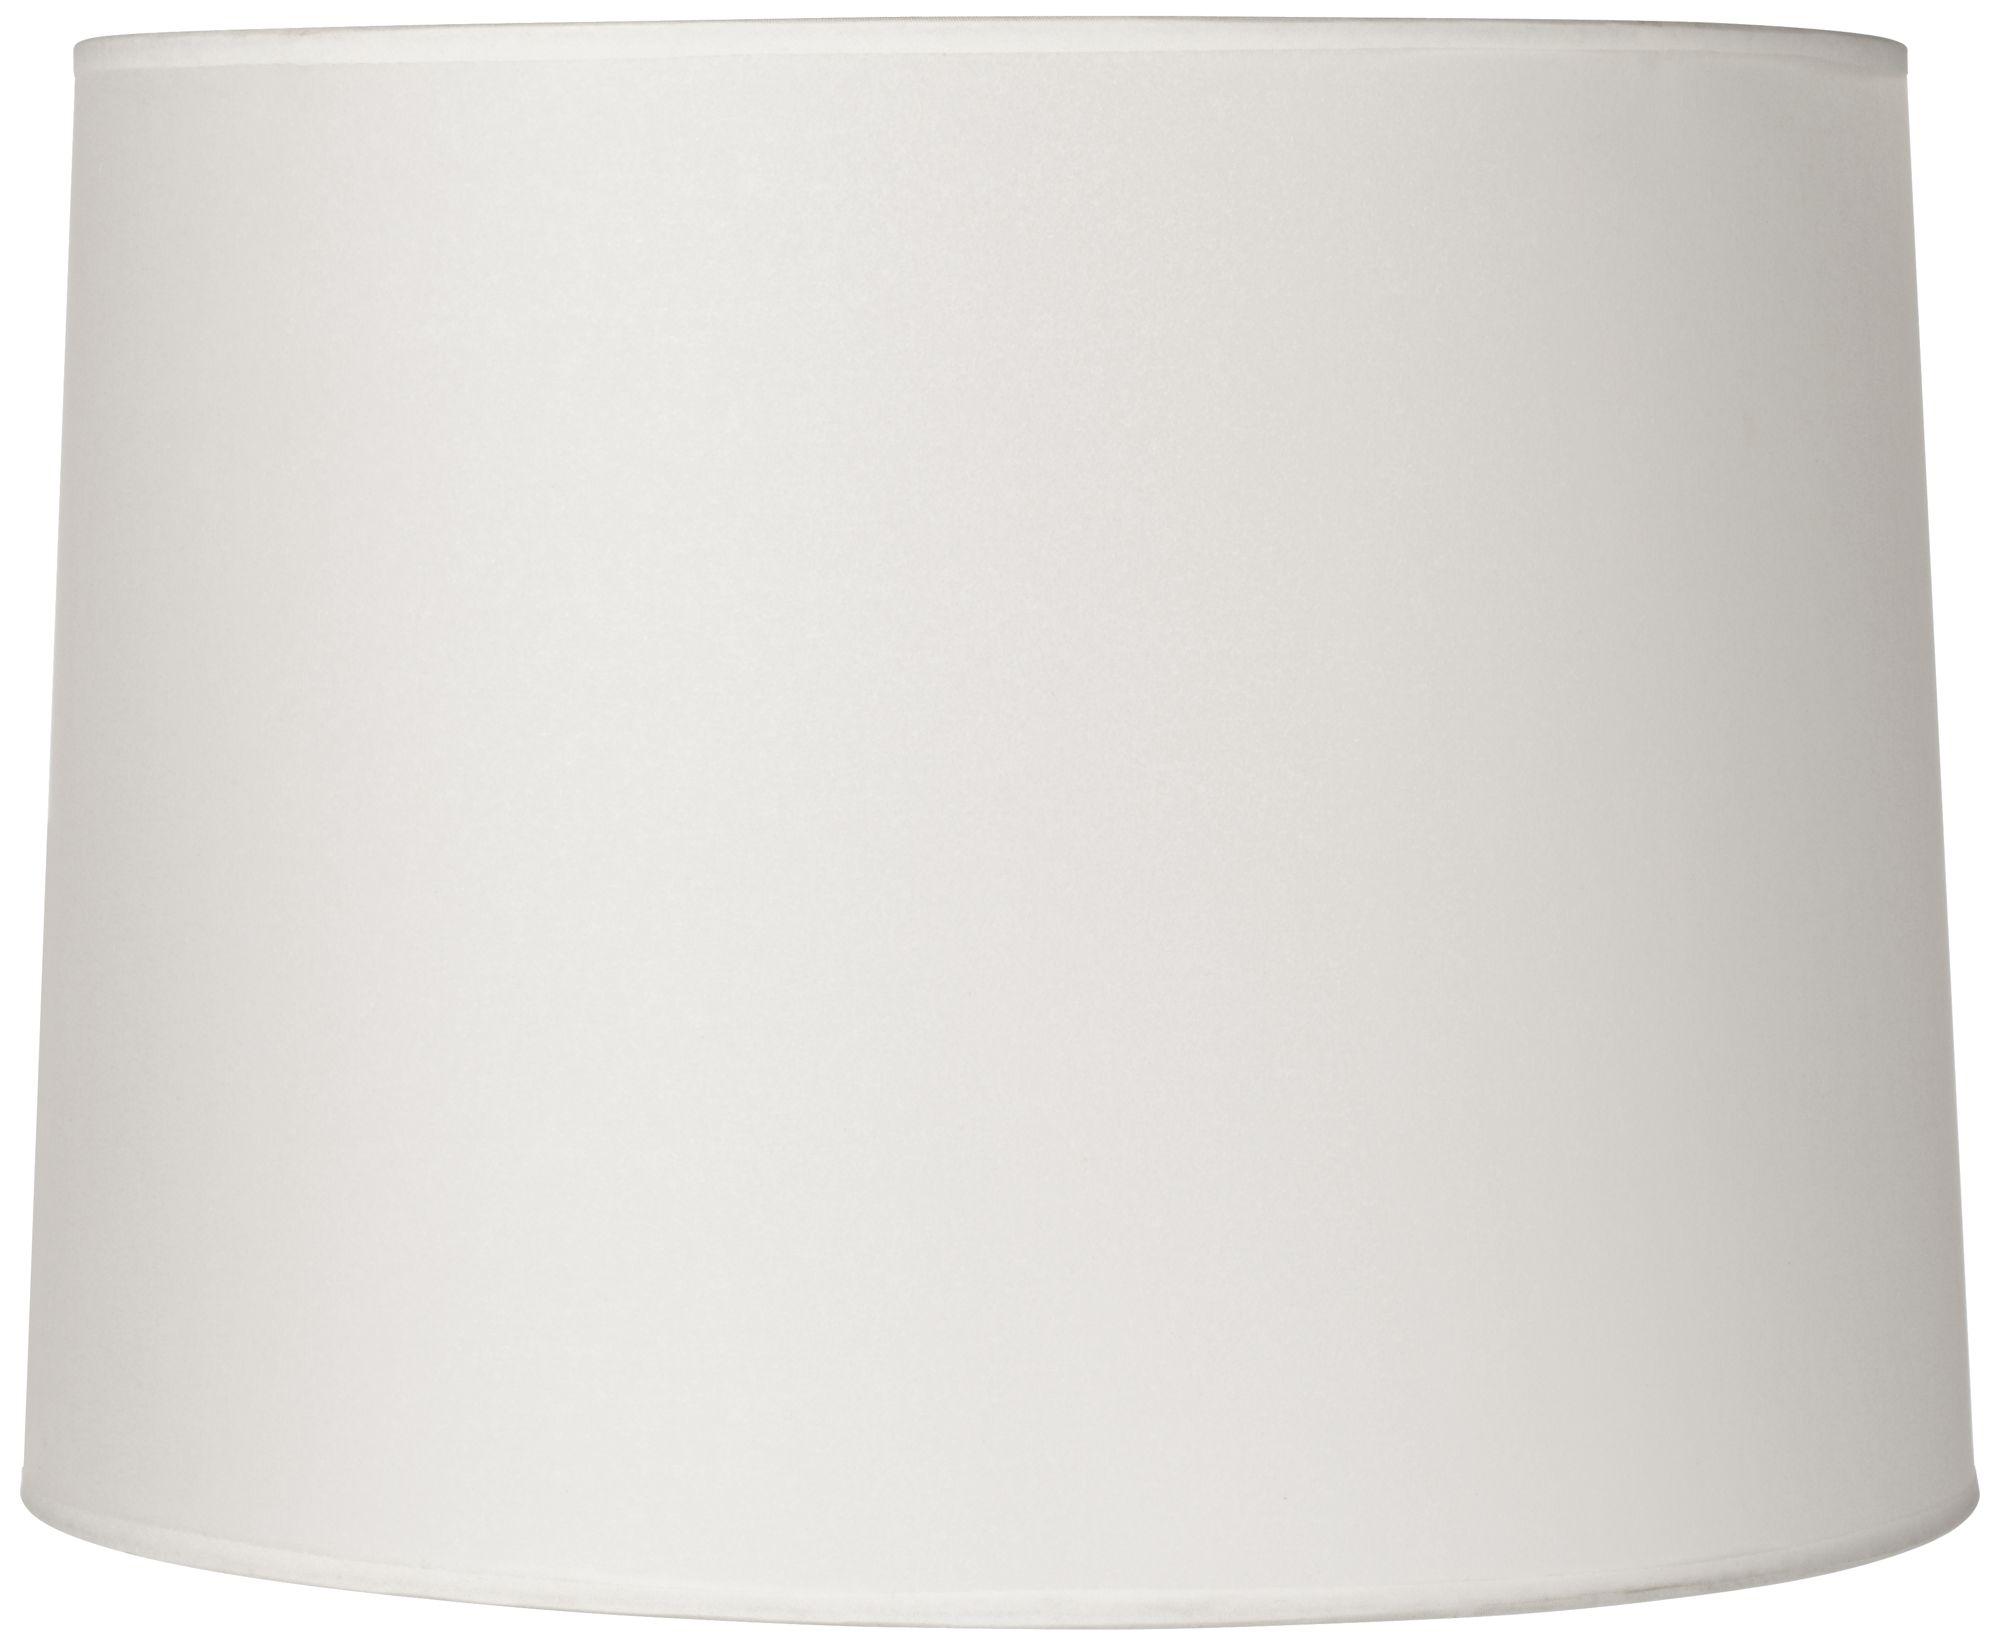 hardback white drum lamp shade 13x14x10 spider